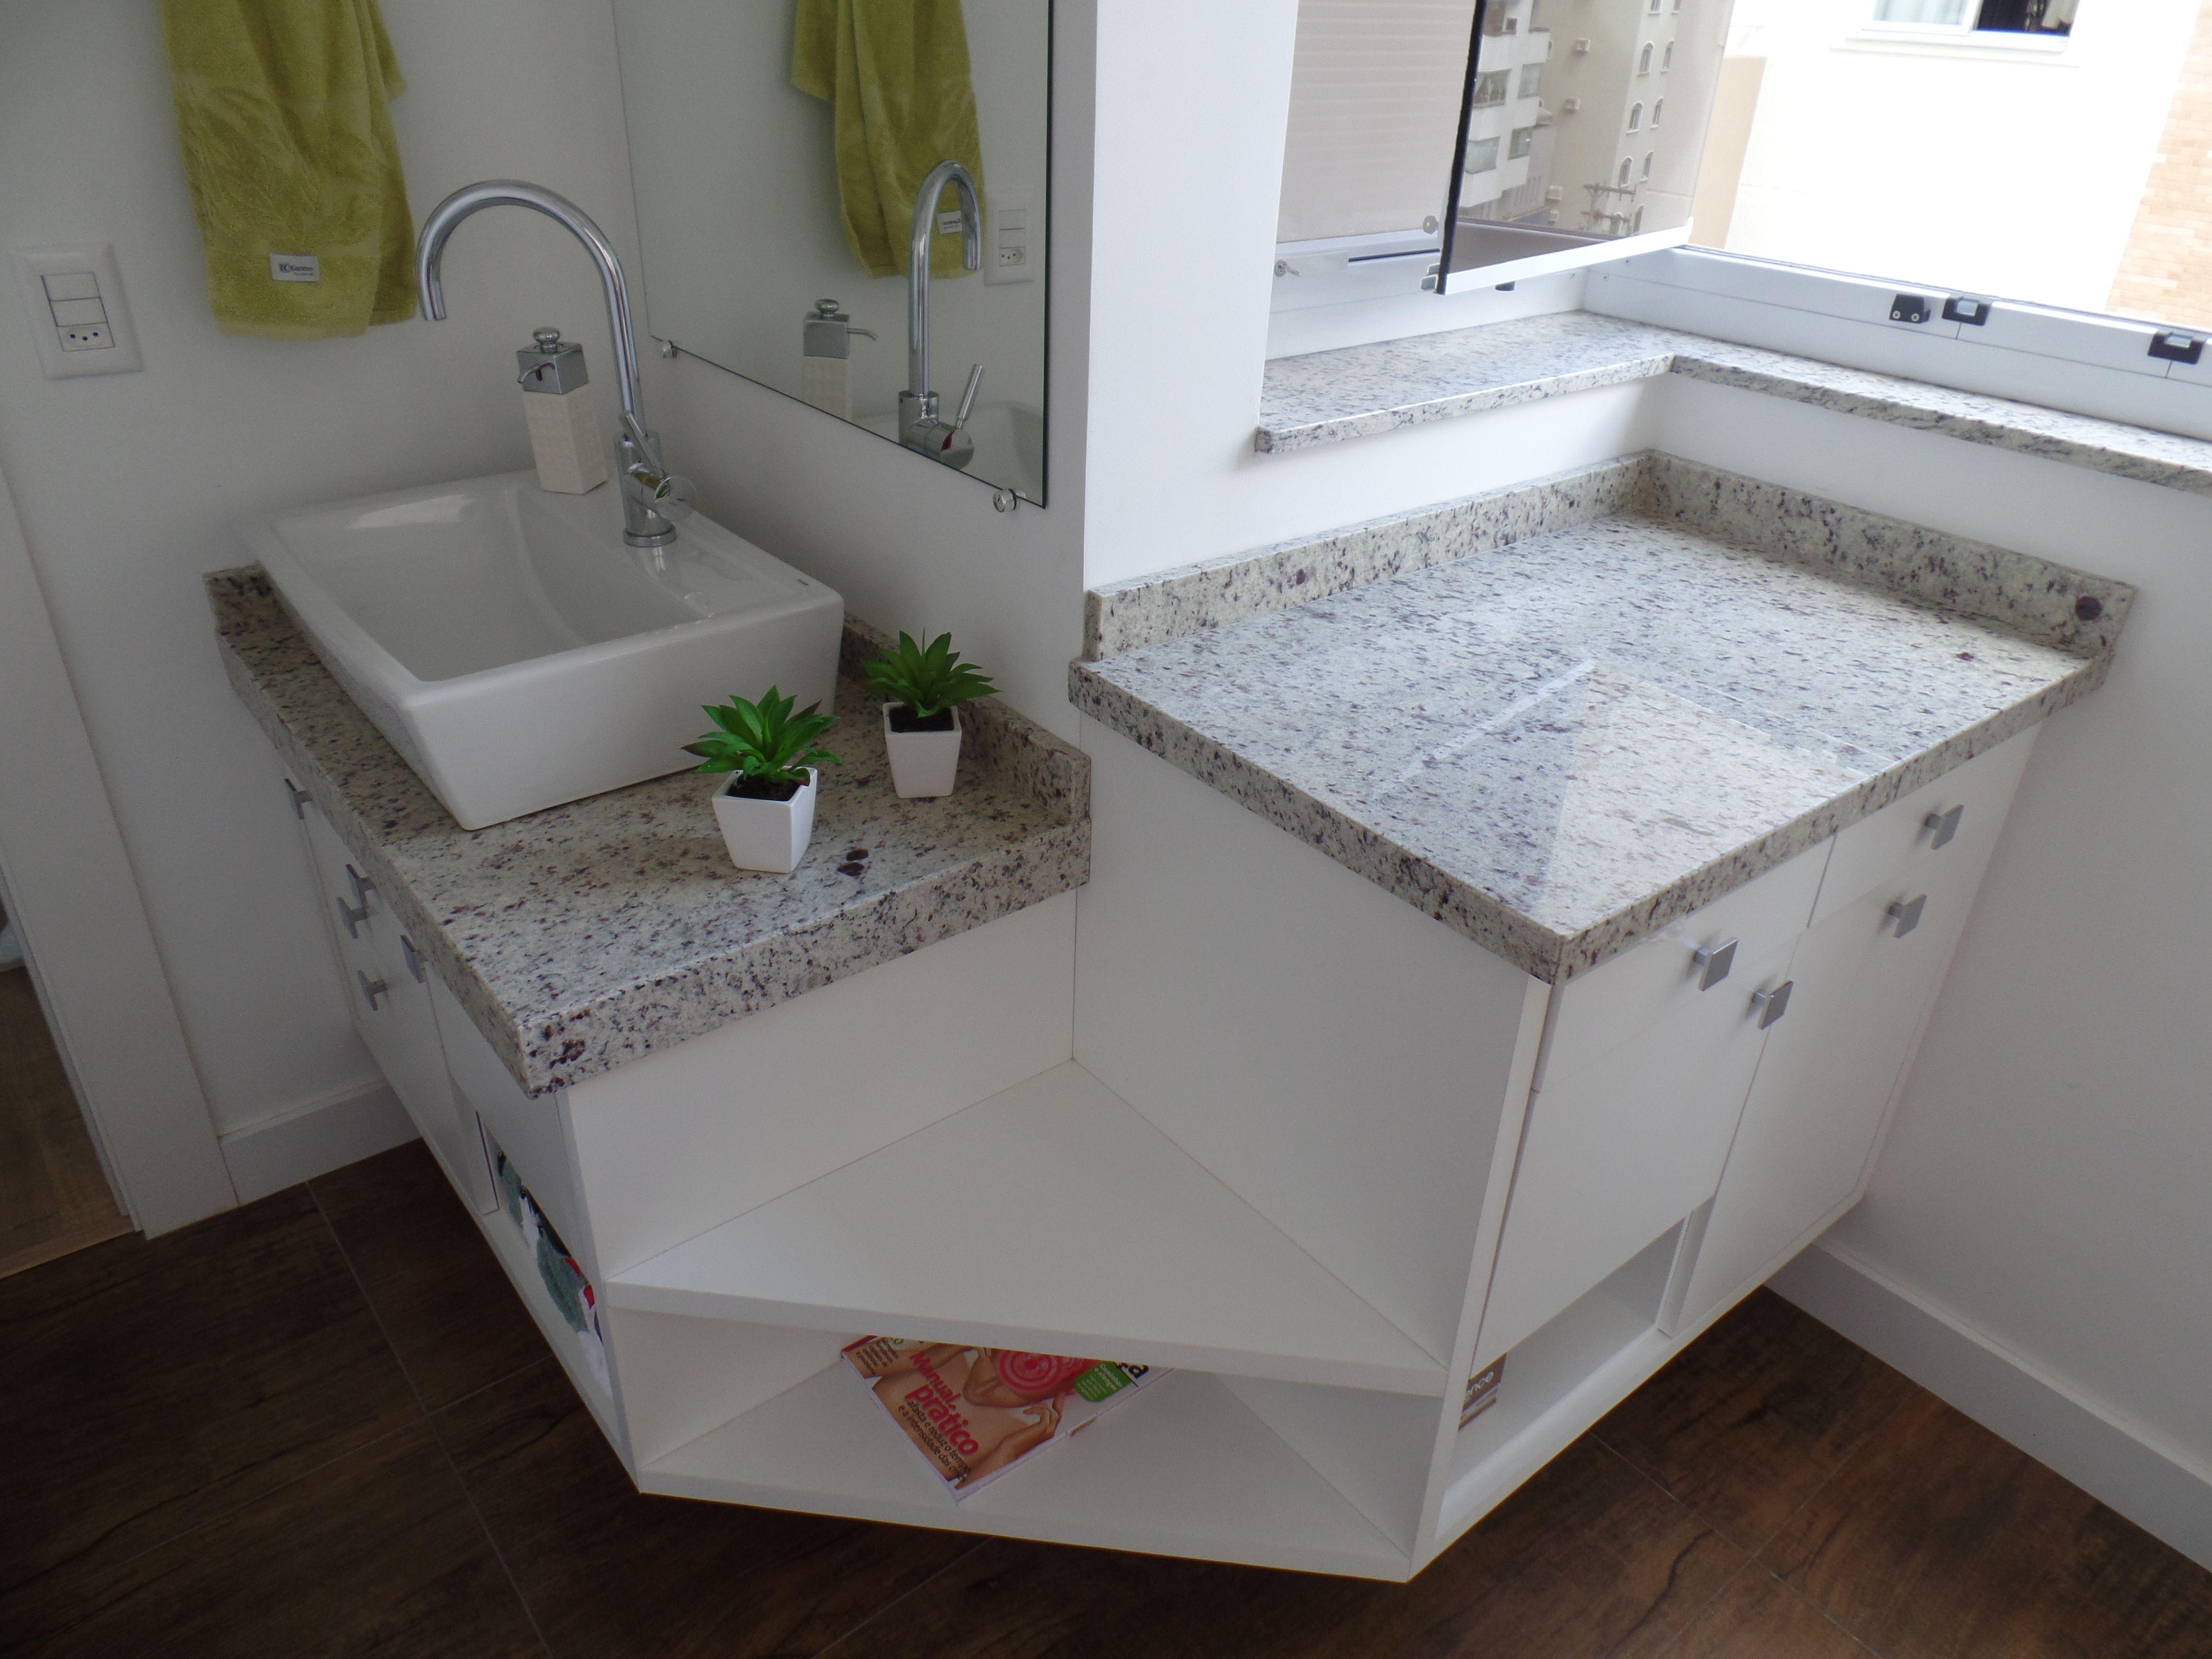 Bancada de Banheiro em Granito Branco Dallas  Banheiros  Pinterest  Bancad -> Bancada De Banheiro Pequeno Em Granito